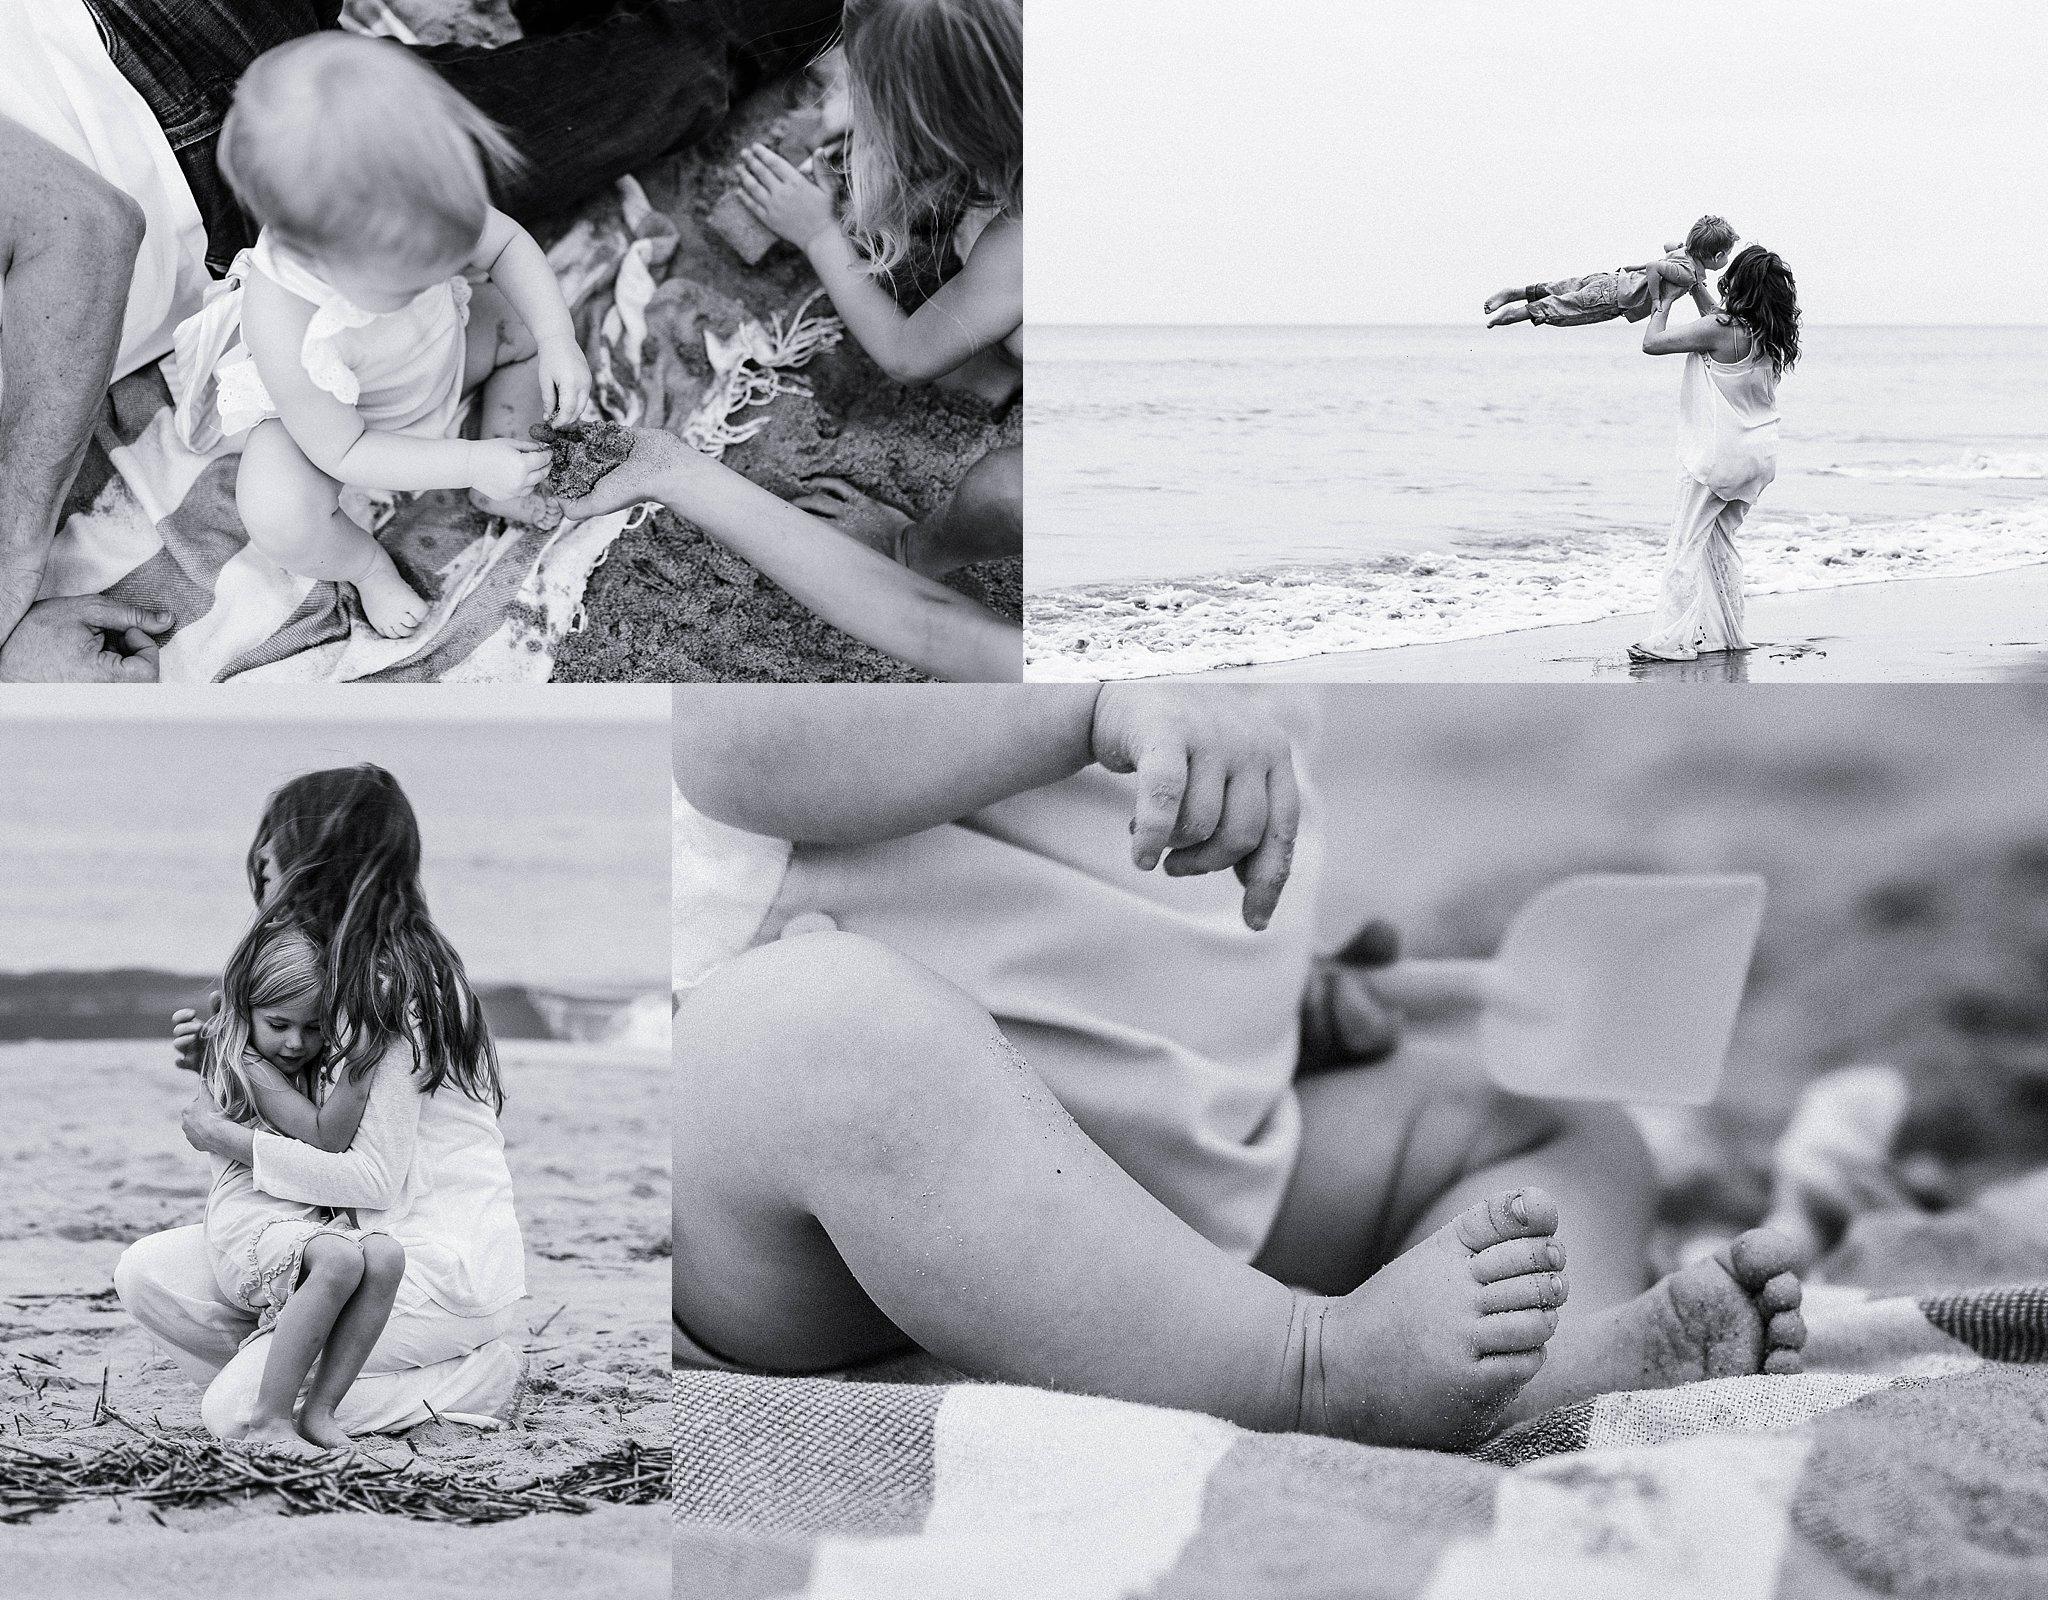 virginia-beach-photographers-melissa-bliss-photography-family-session-at-sandbridge-beach-8